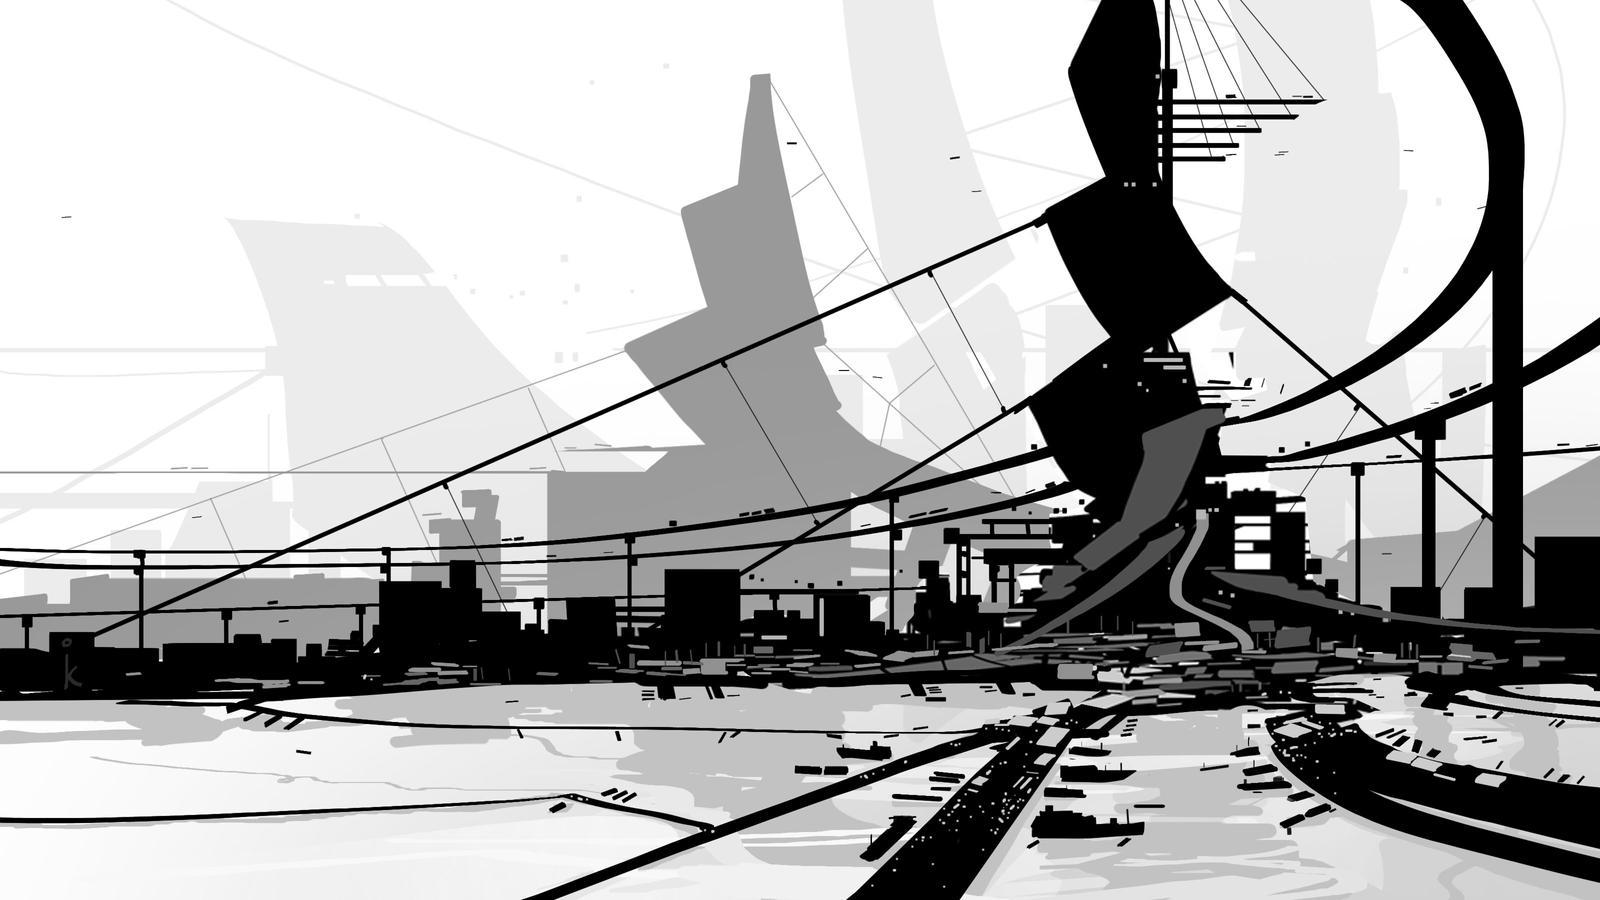 port by cyberkolbasa